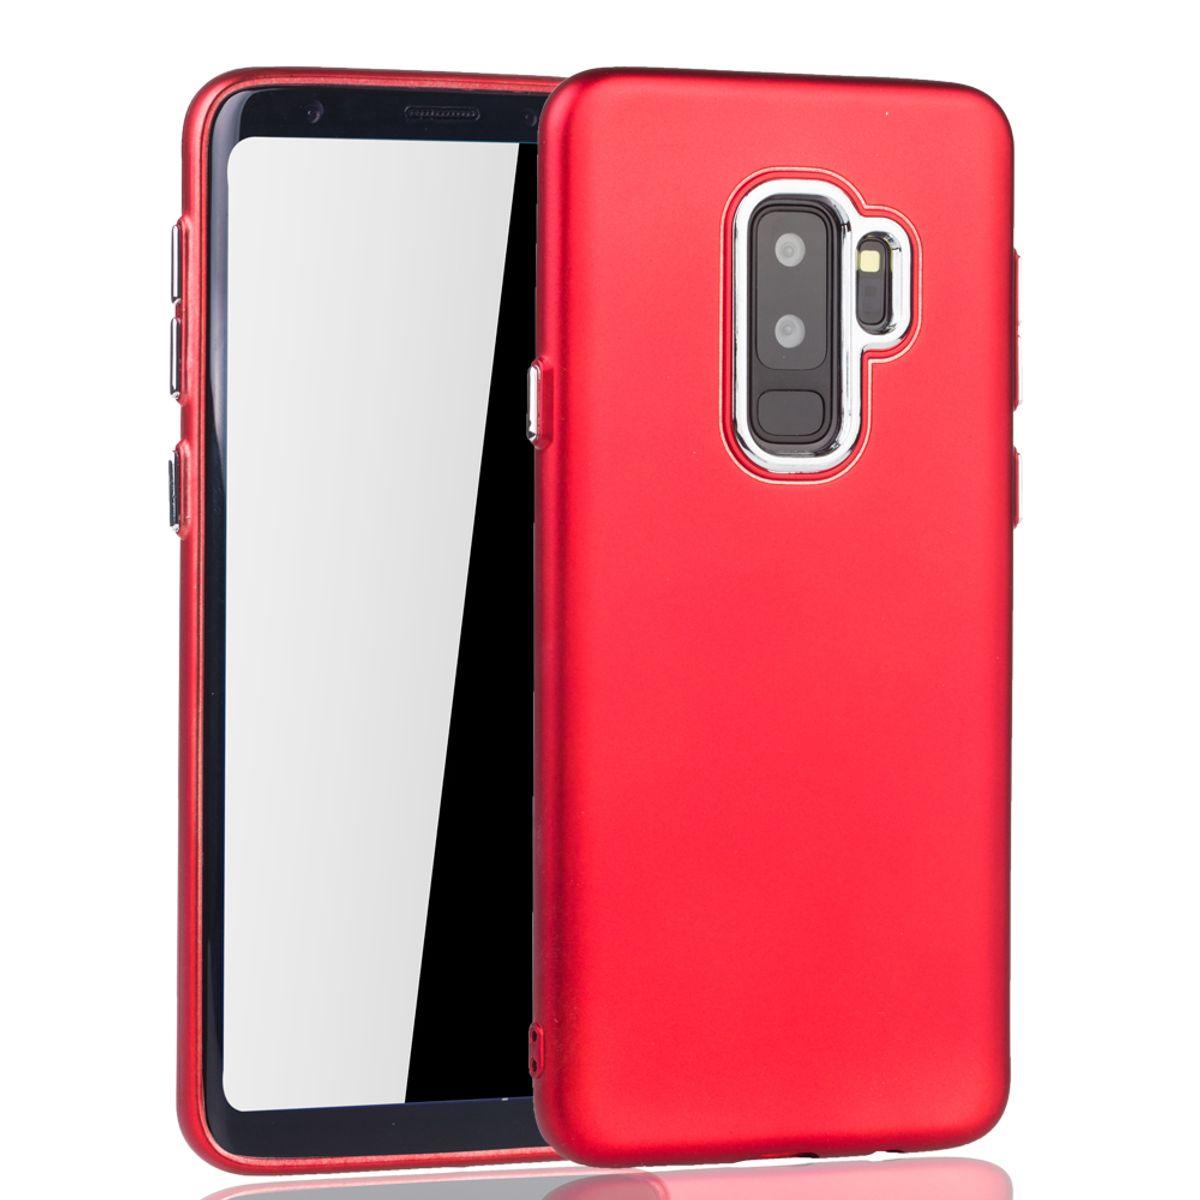 Handyhülle Samsung Galaxy : samsung galaxy s9 plus h lle handyh lle f r samsung galaxy s9 plus handy case in rot ~ Aude.kayakingforconservation.com Haus und Dekorationen